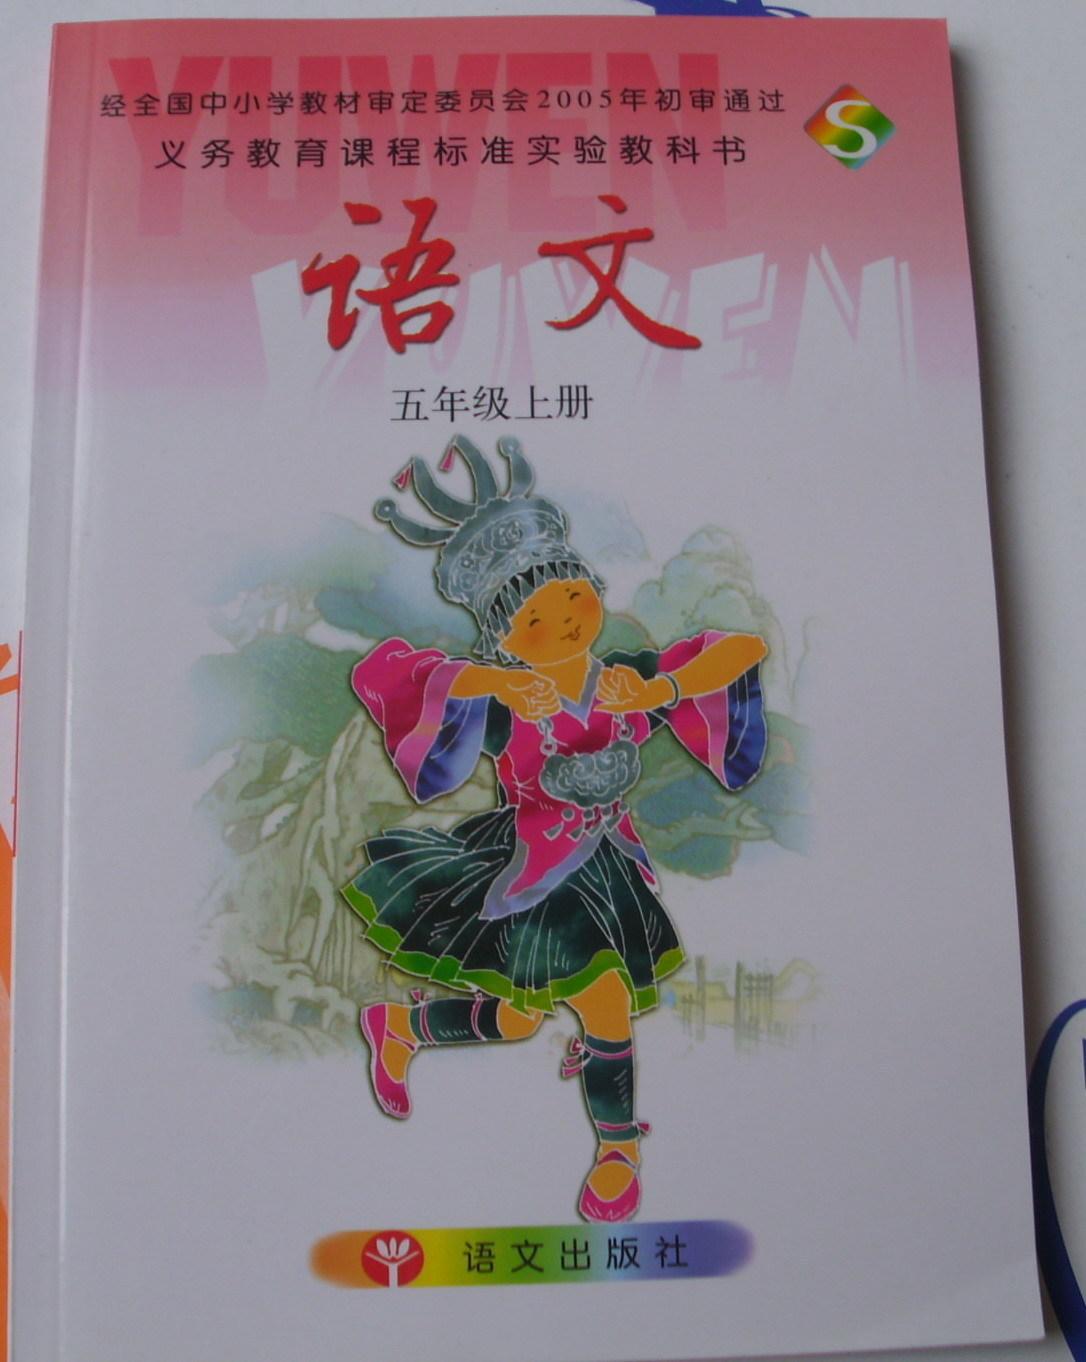 语文出版社/s版/小学小学彩色5/五下册年级语文西安市纺织城课本图片